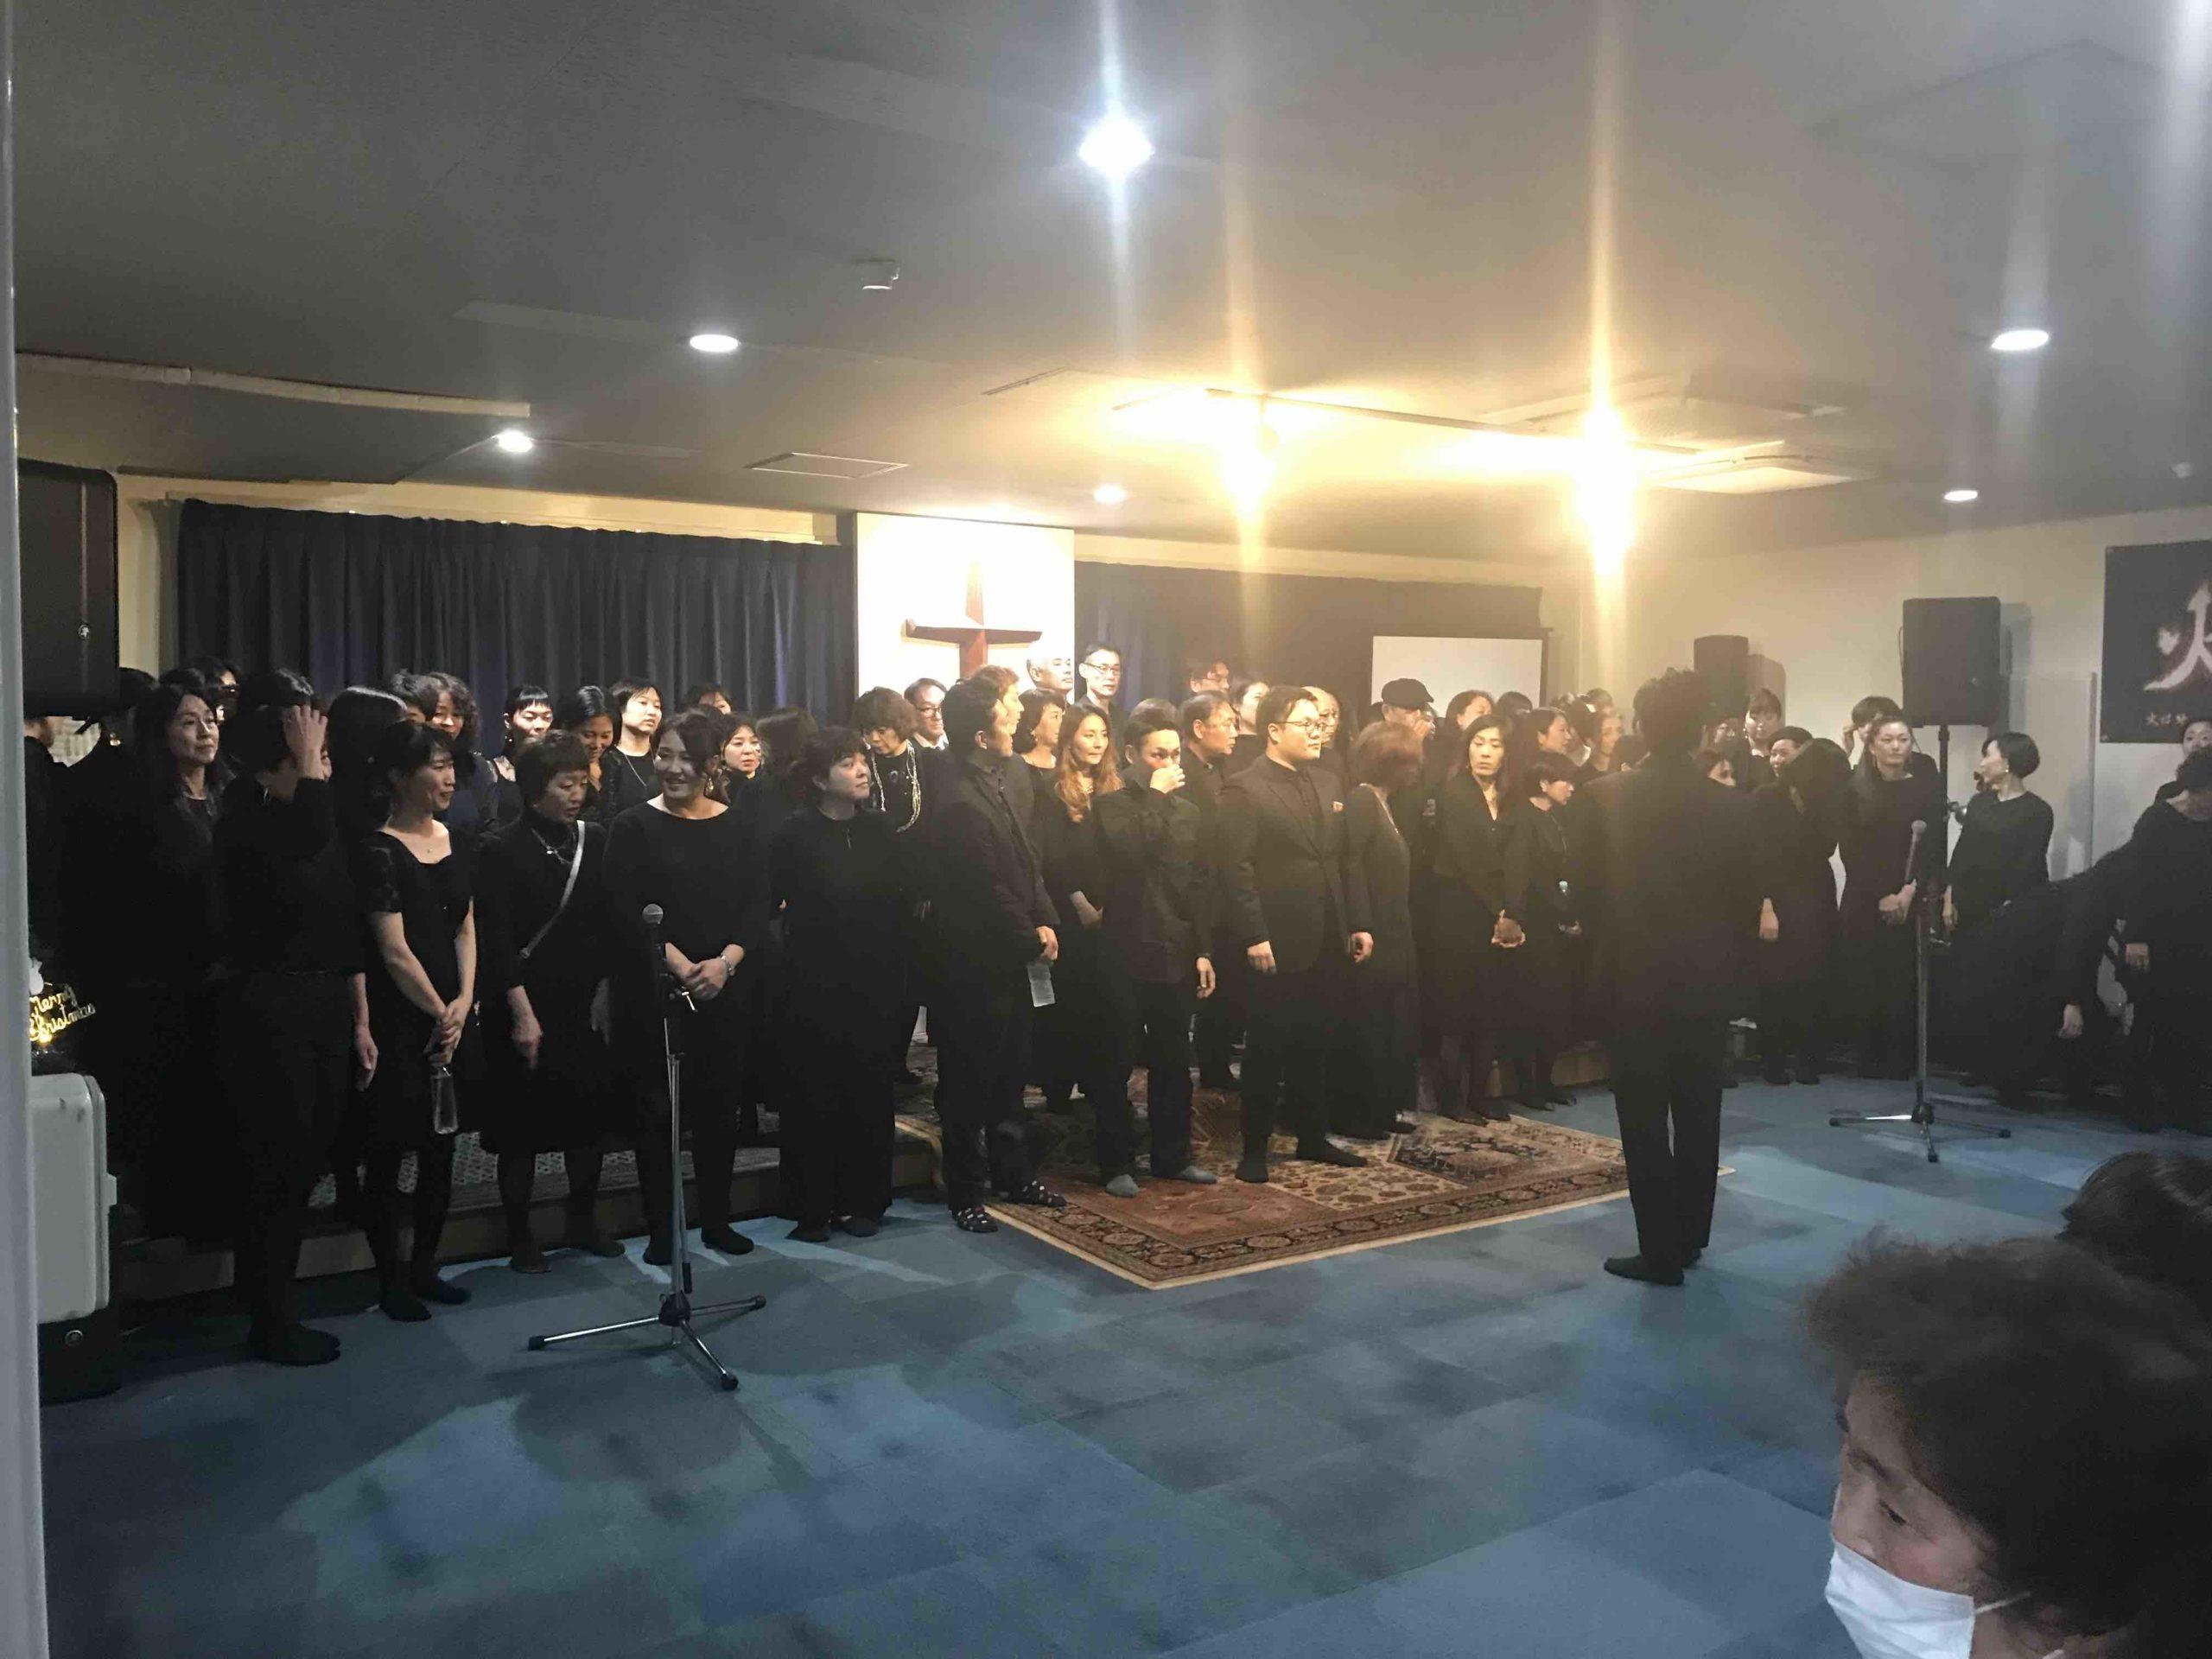 2019年12月24日に堺市エレベートチャーチで行われたゴスペルコンサートの様子